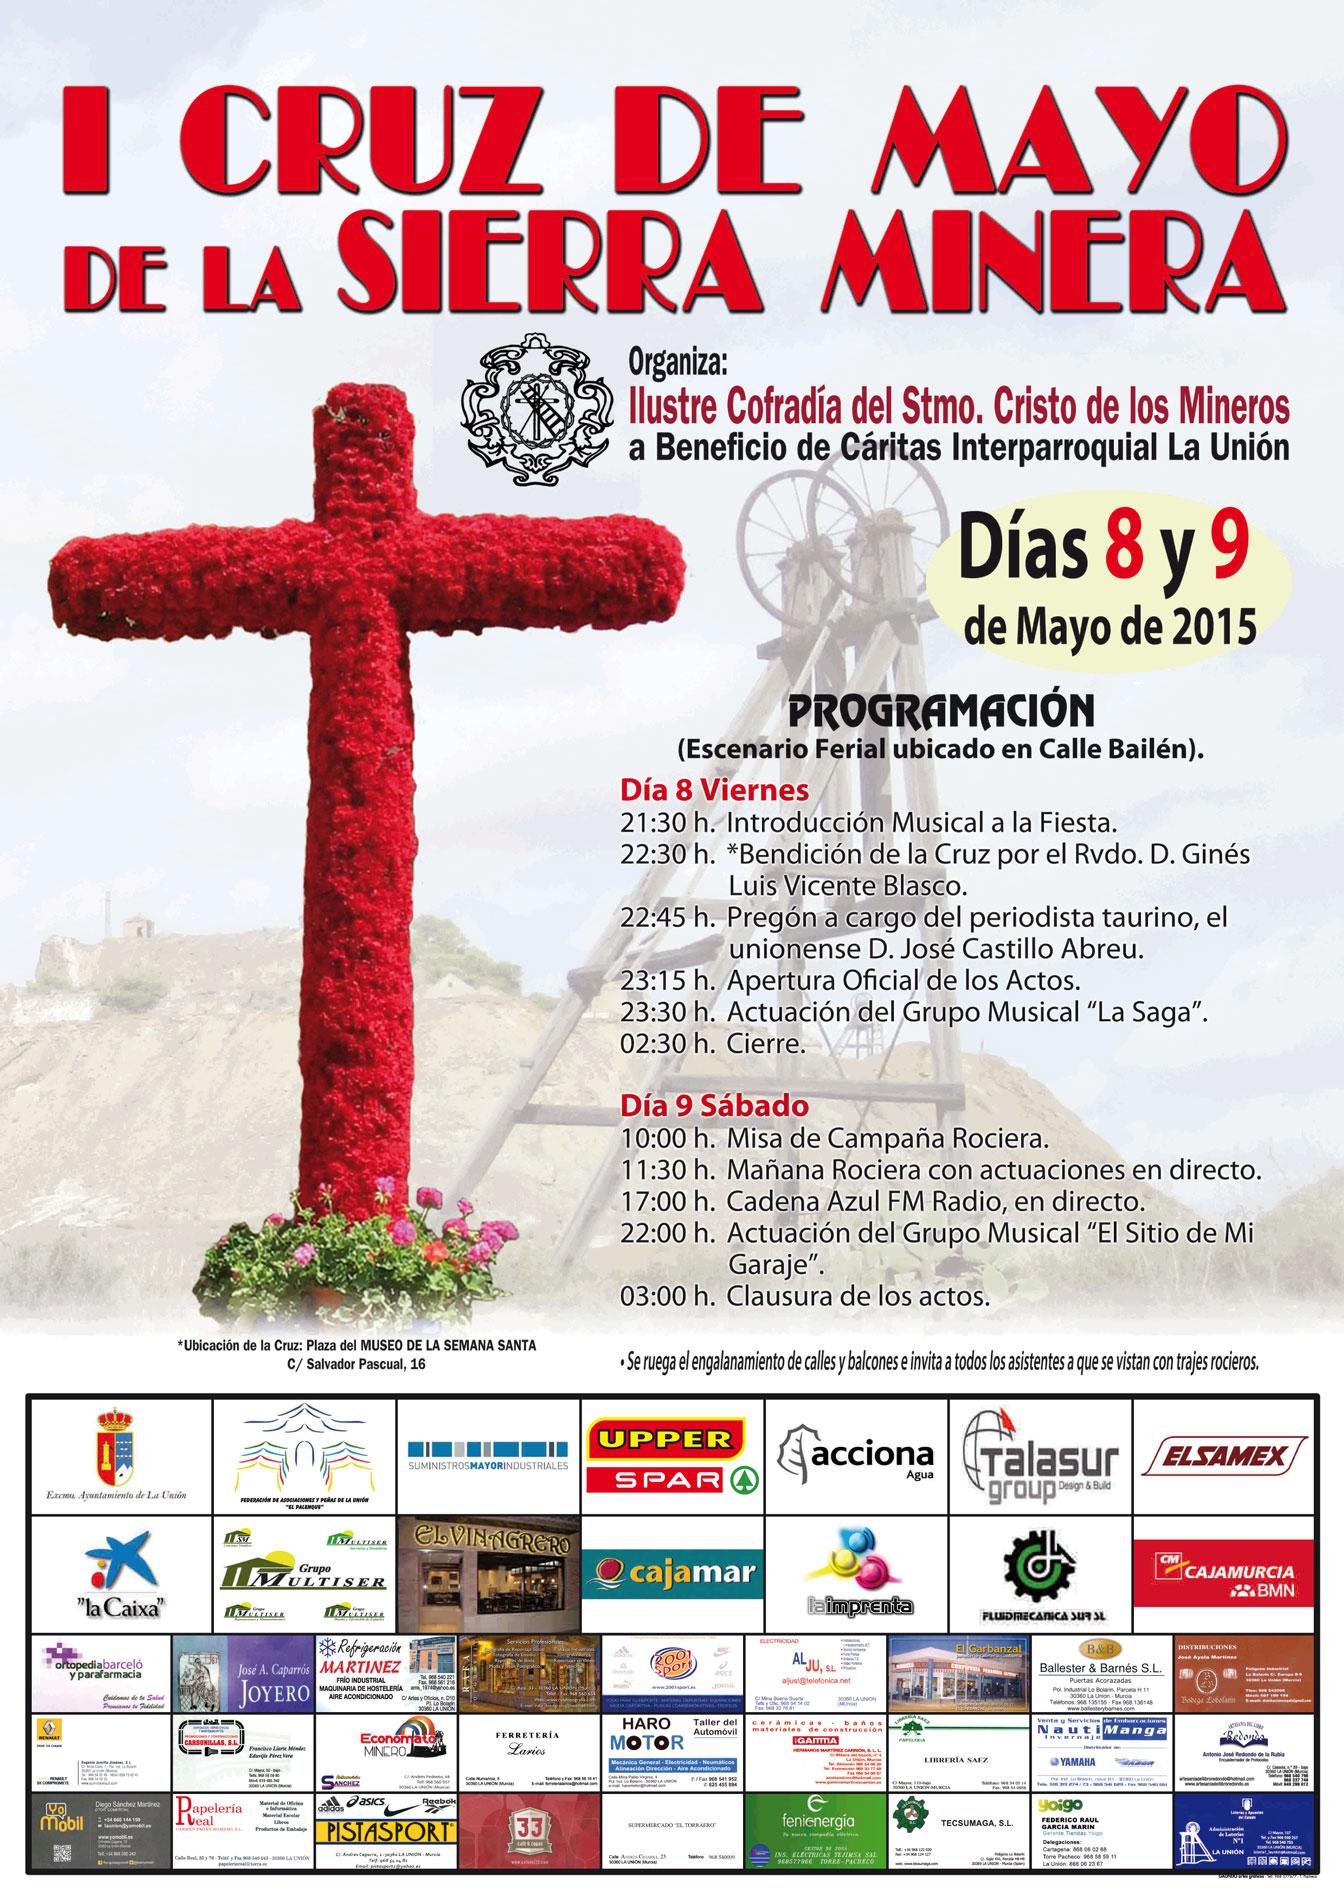 CELEBRACIÓN DE LA I CRUZ DE MAYO DE LA SIERRA MINERA   Excmo ...